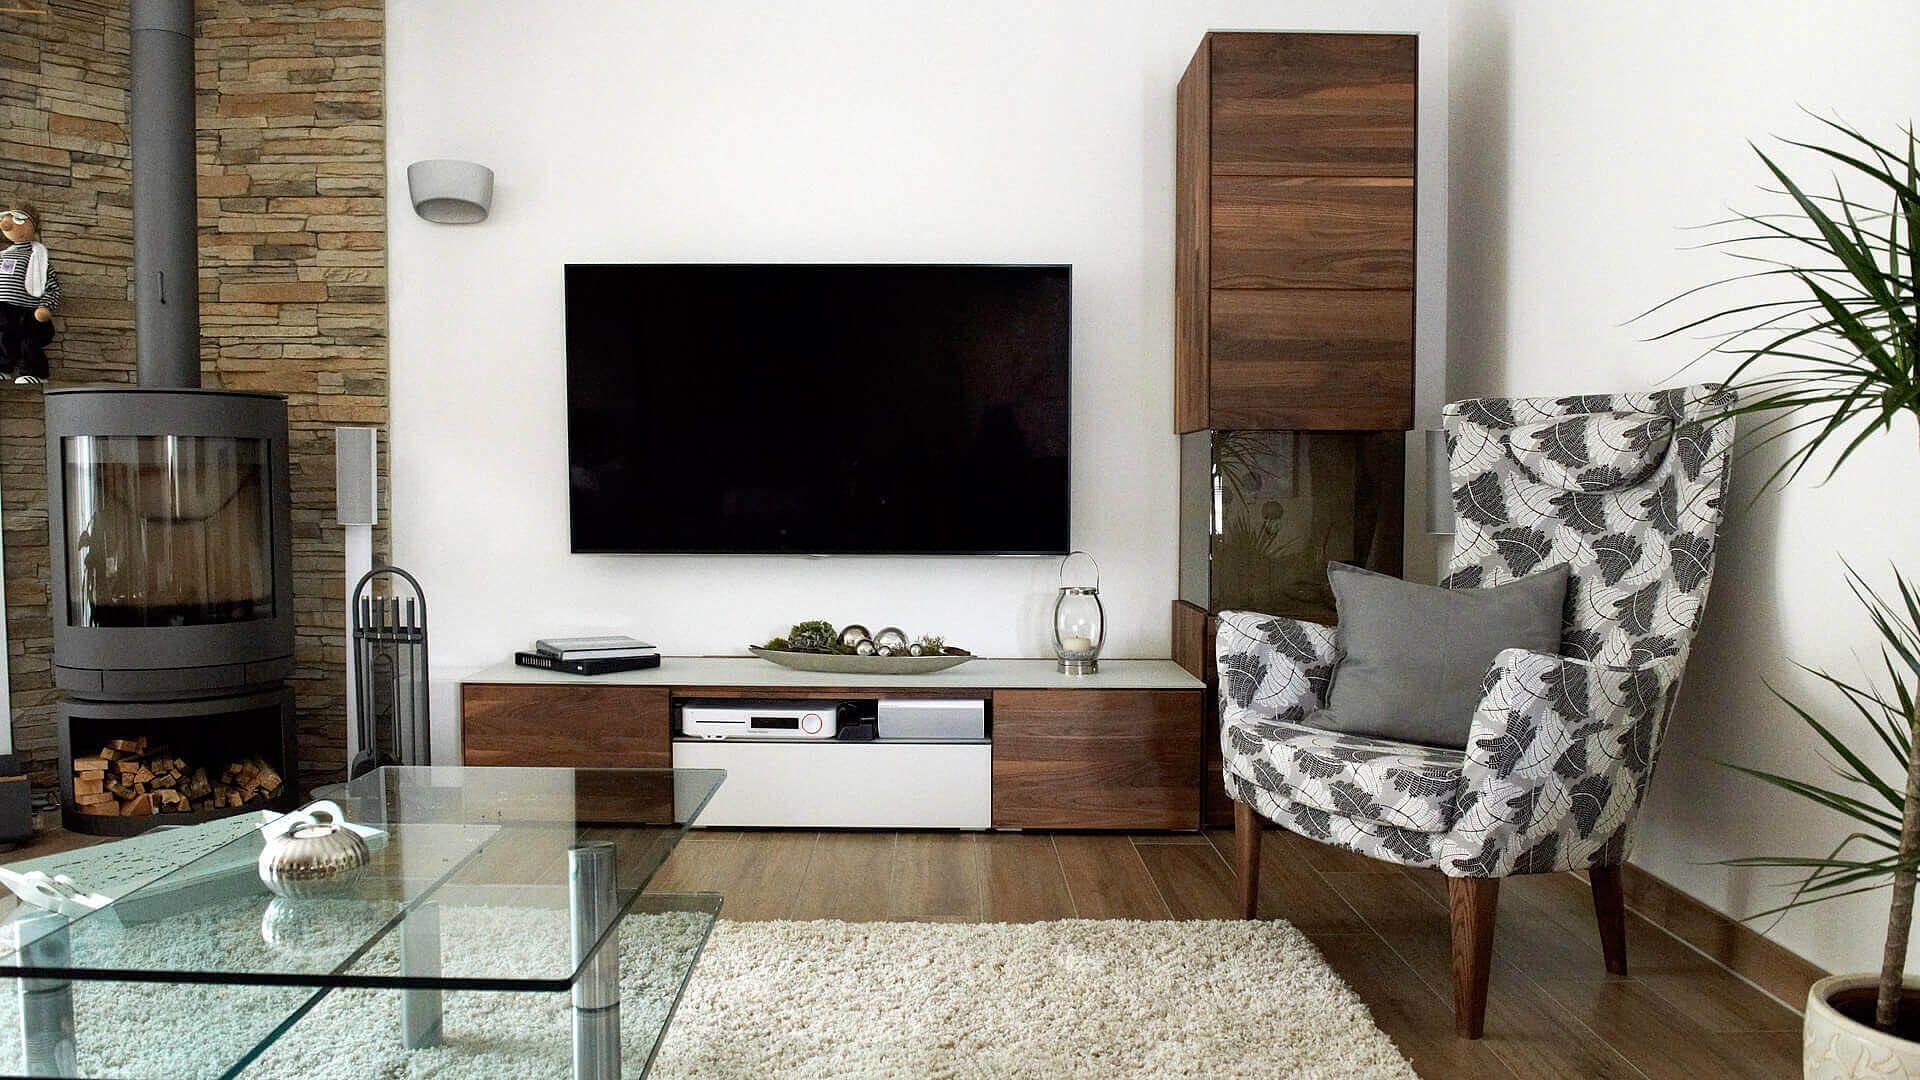 Esszimmer Dunkler Boden Top Le Plus Wohnzimmer Boden With